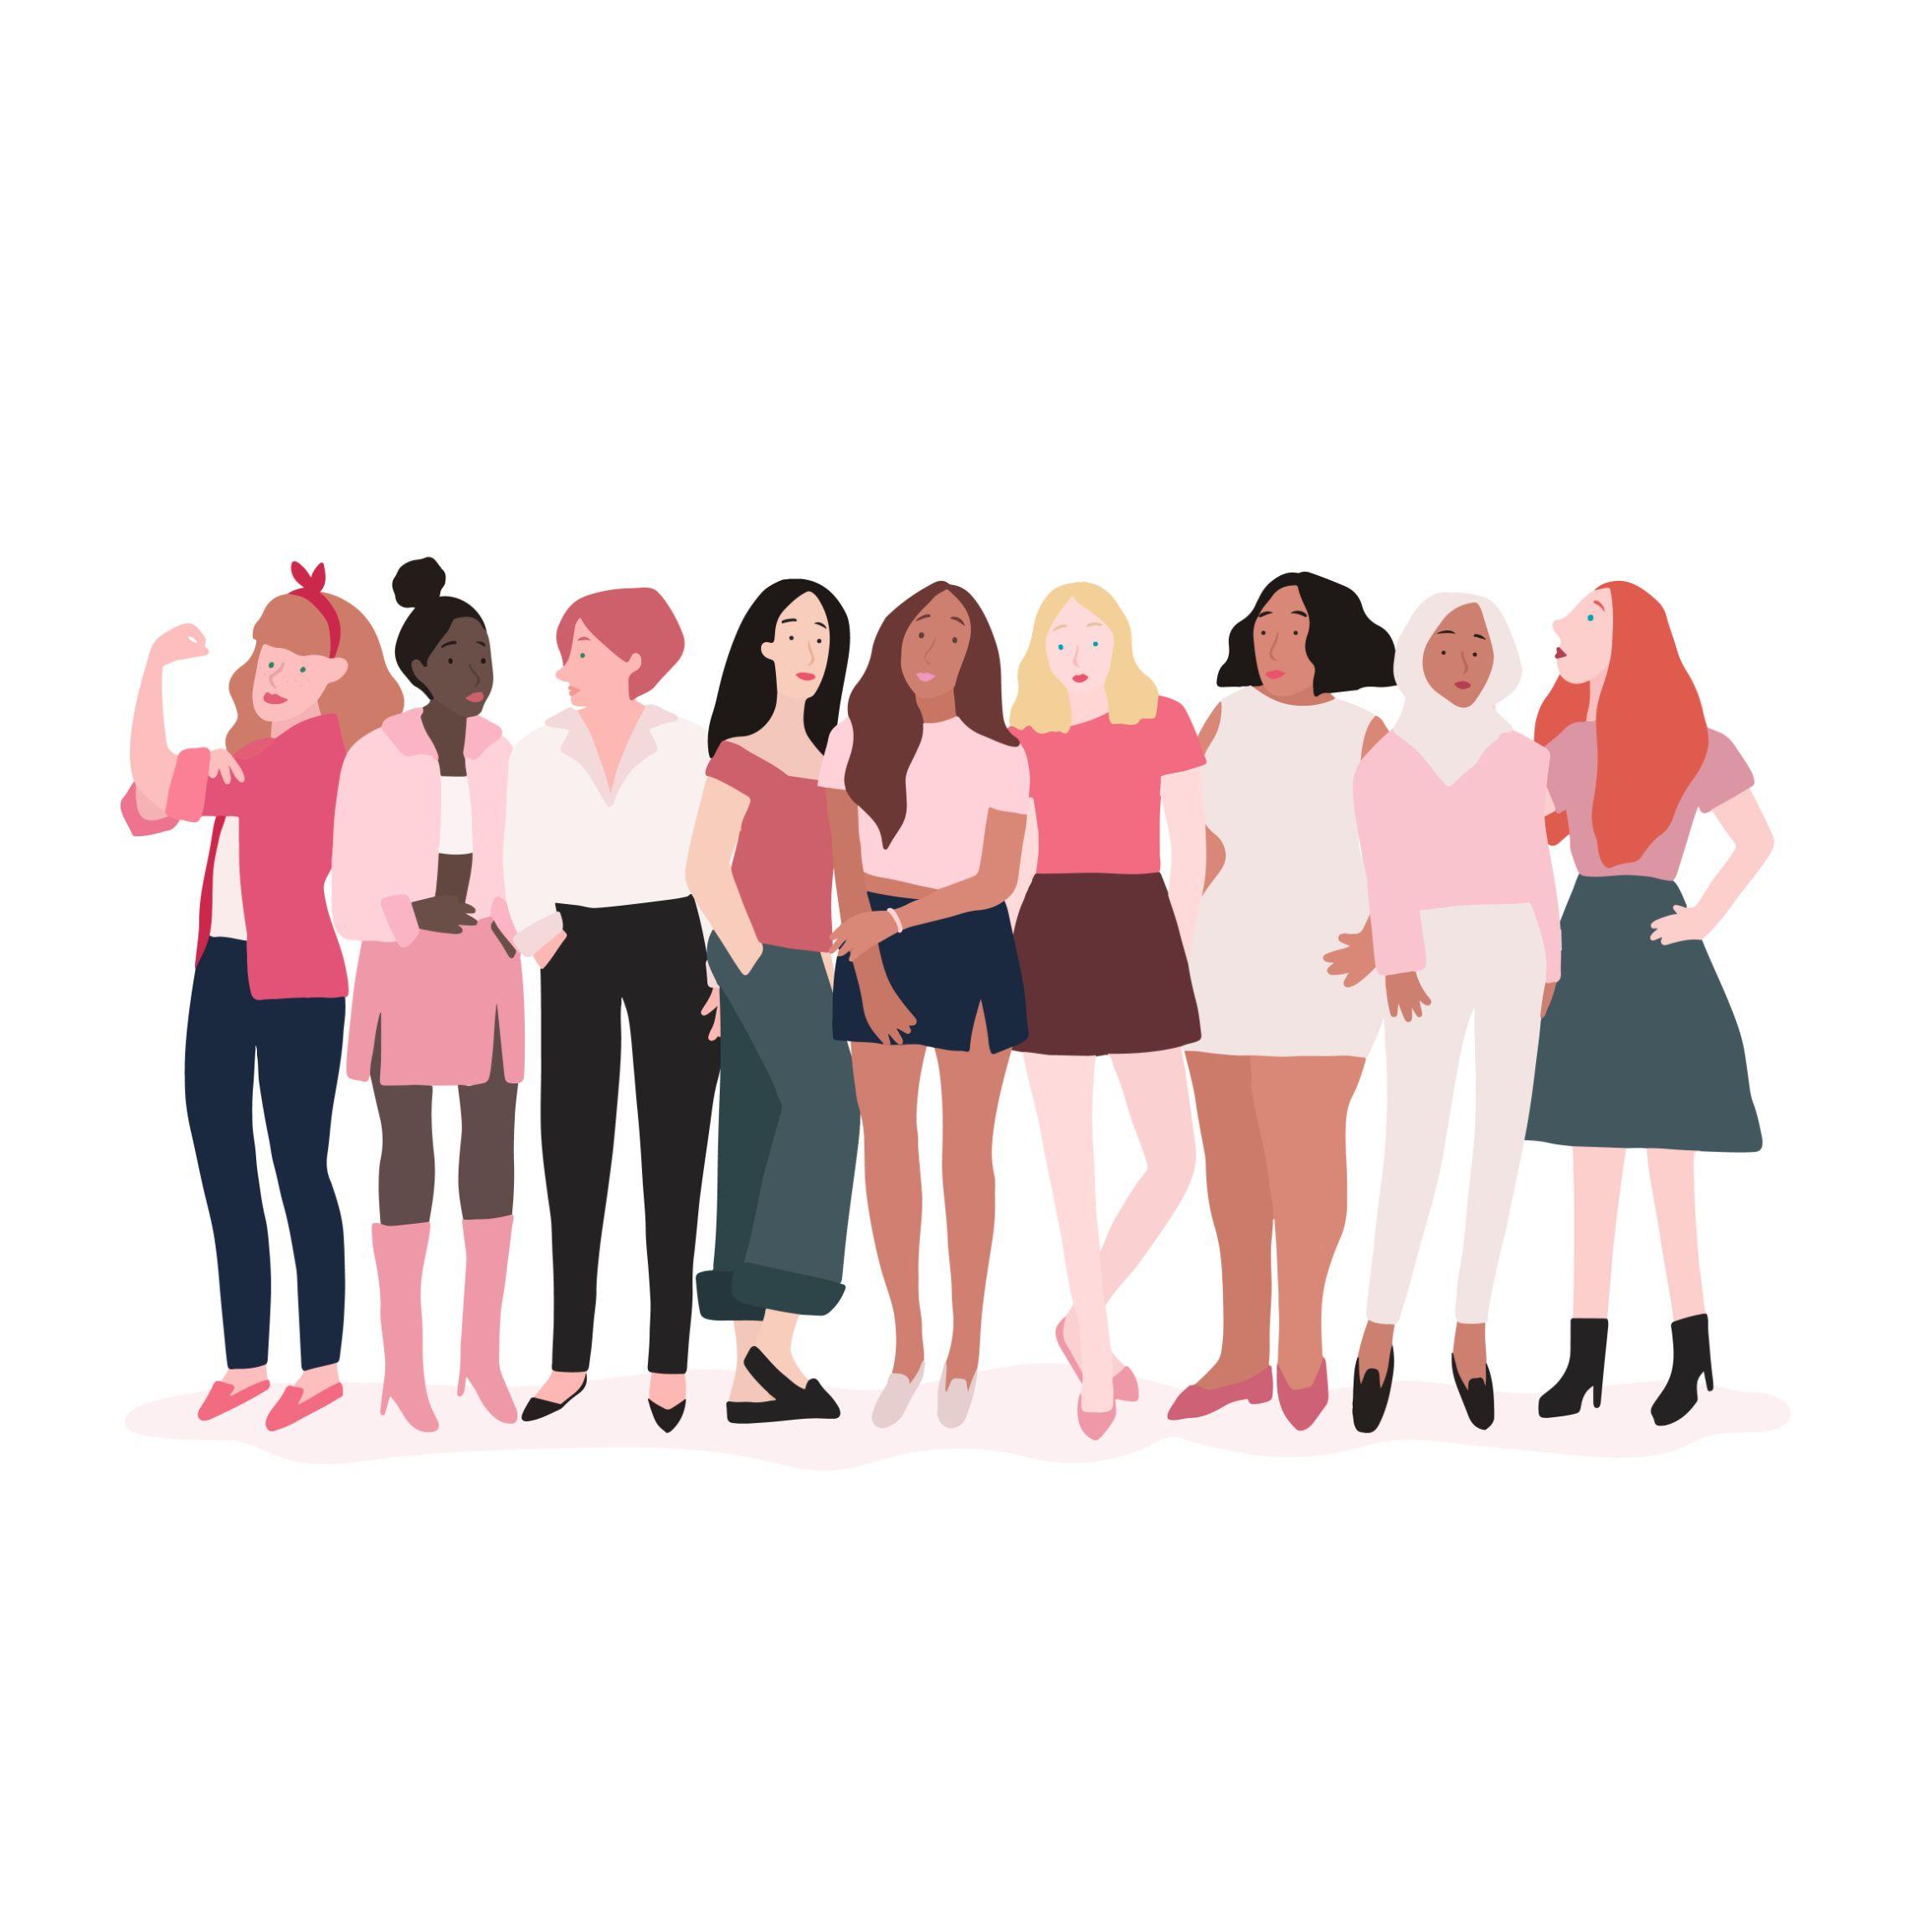 Weltfrauentag: 7 erfolgreiche Gründerinnen aus Deutschland